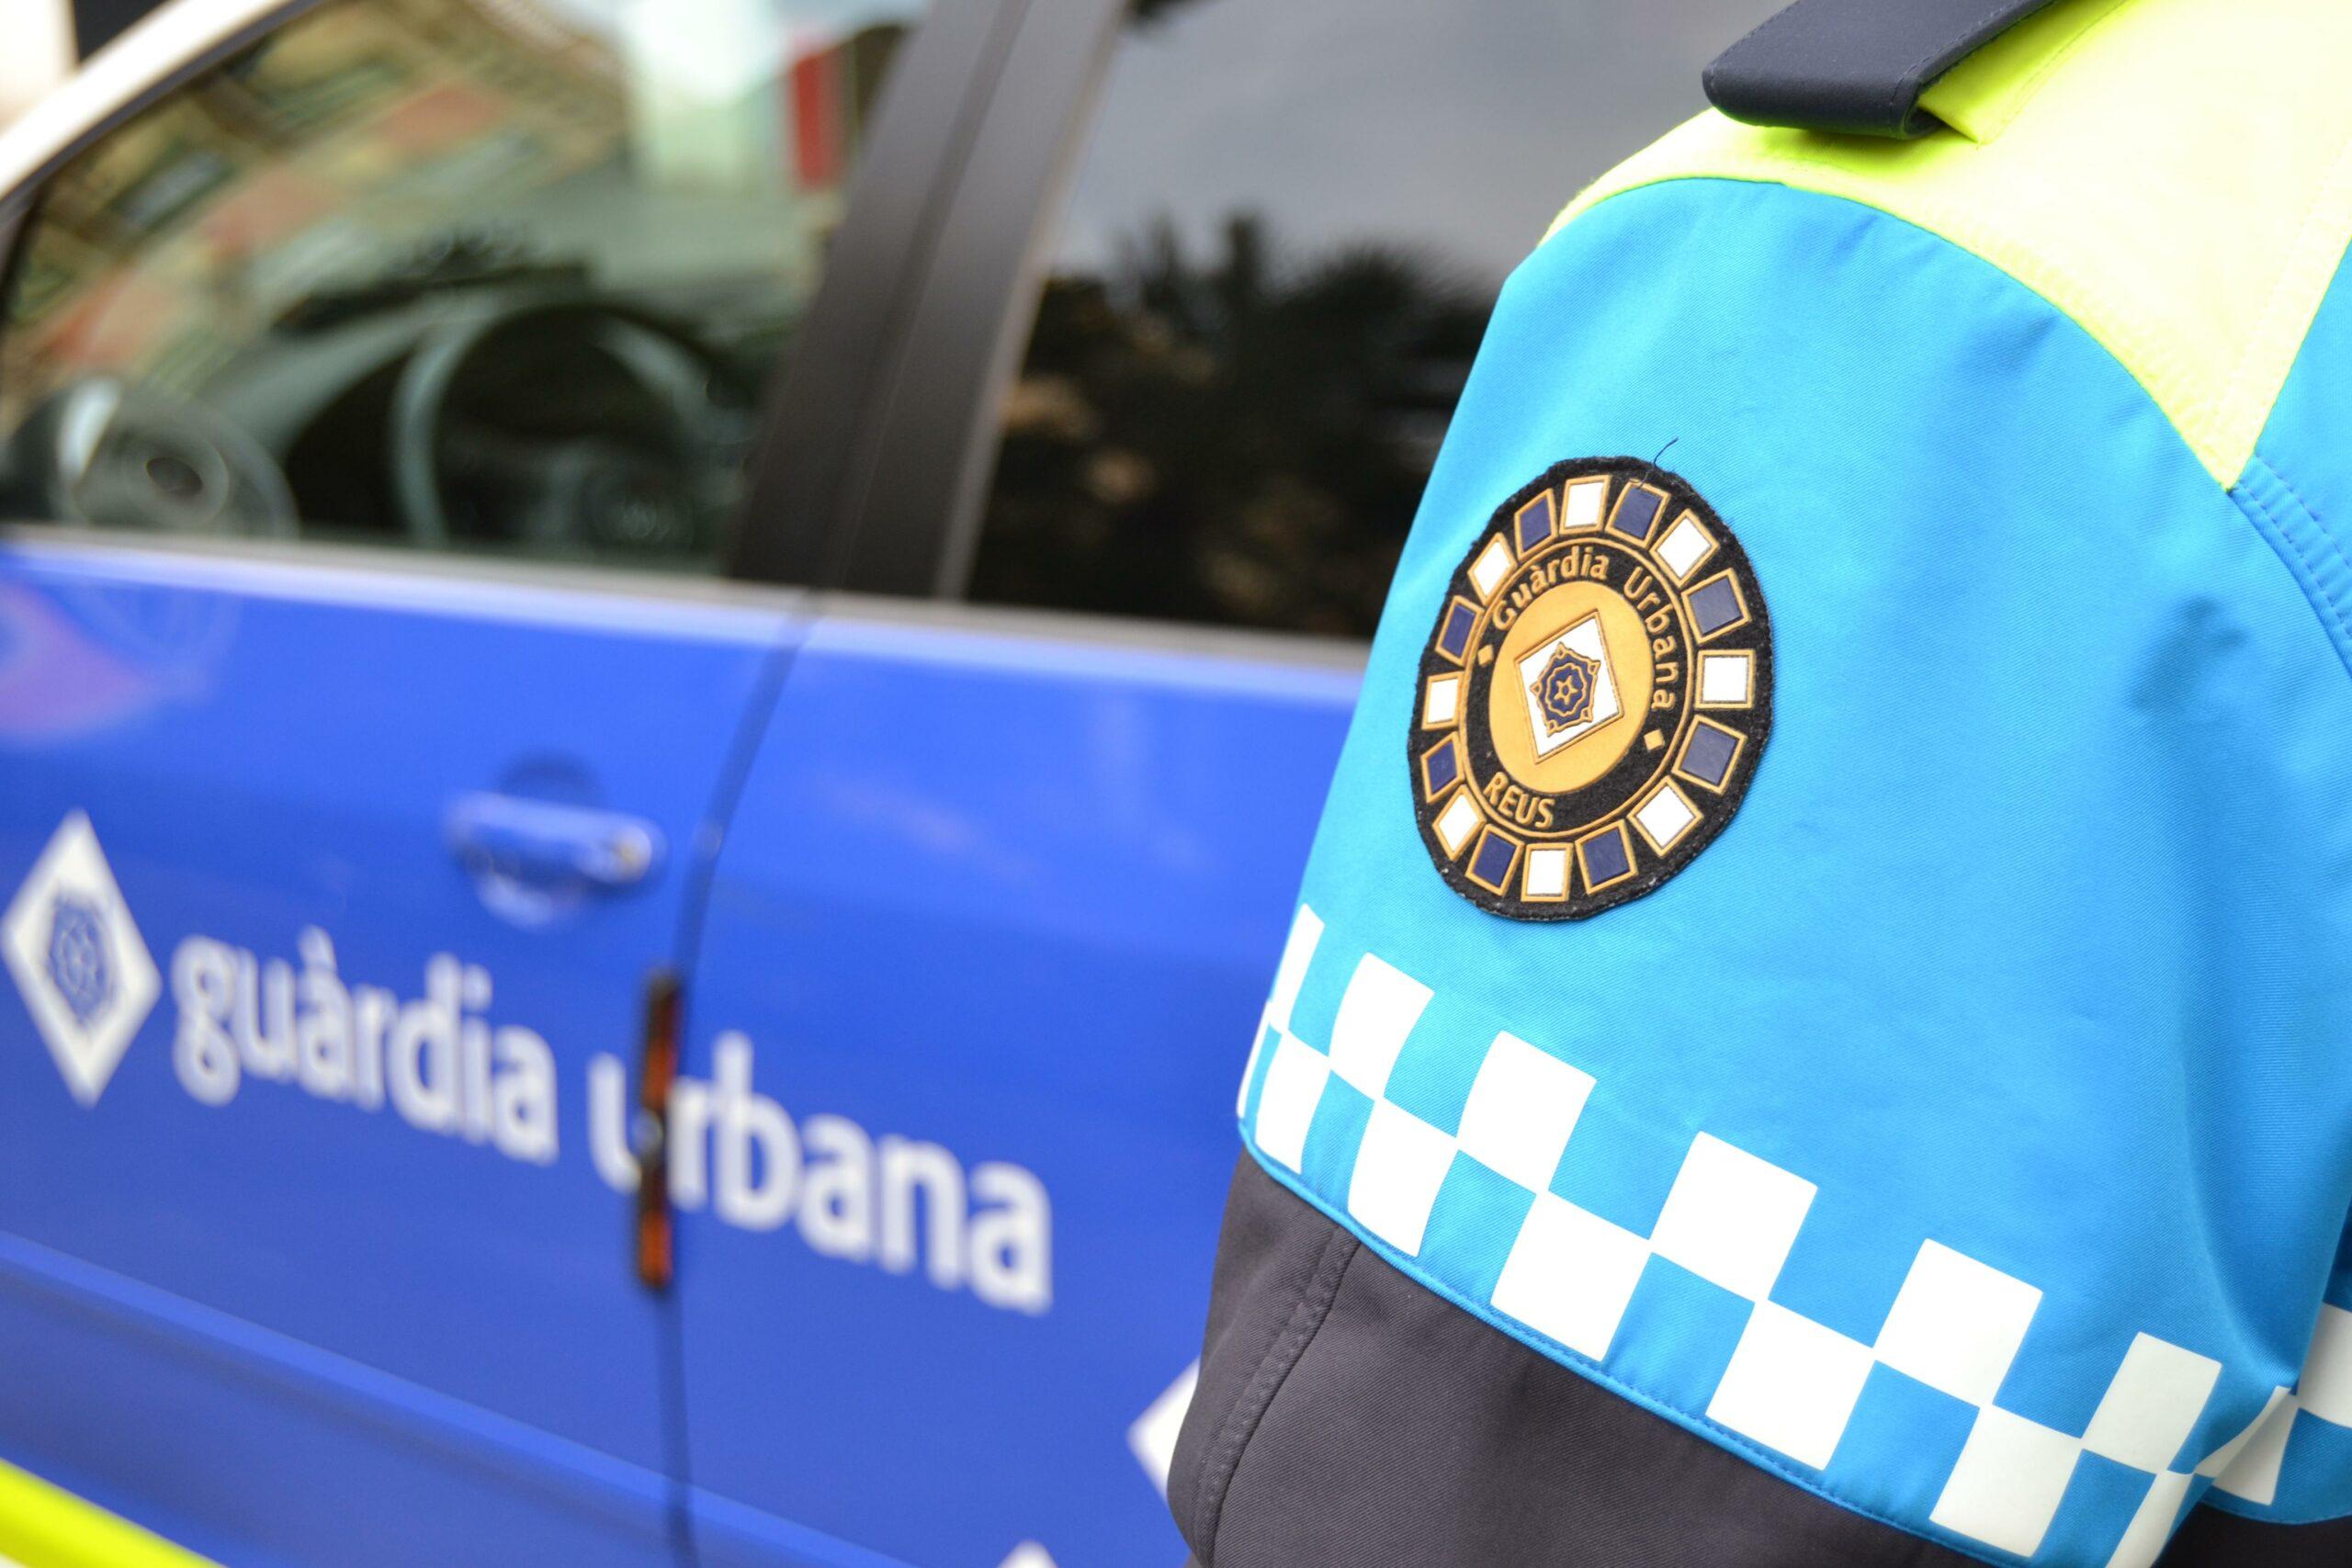 Detall de l'escut de la Guàrdia Urbana de Reus en l'uniforme d'un agent